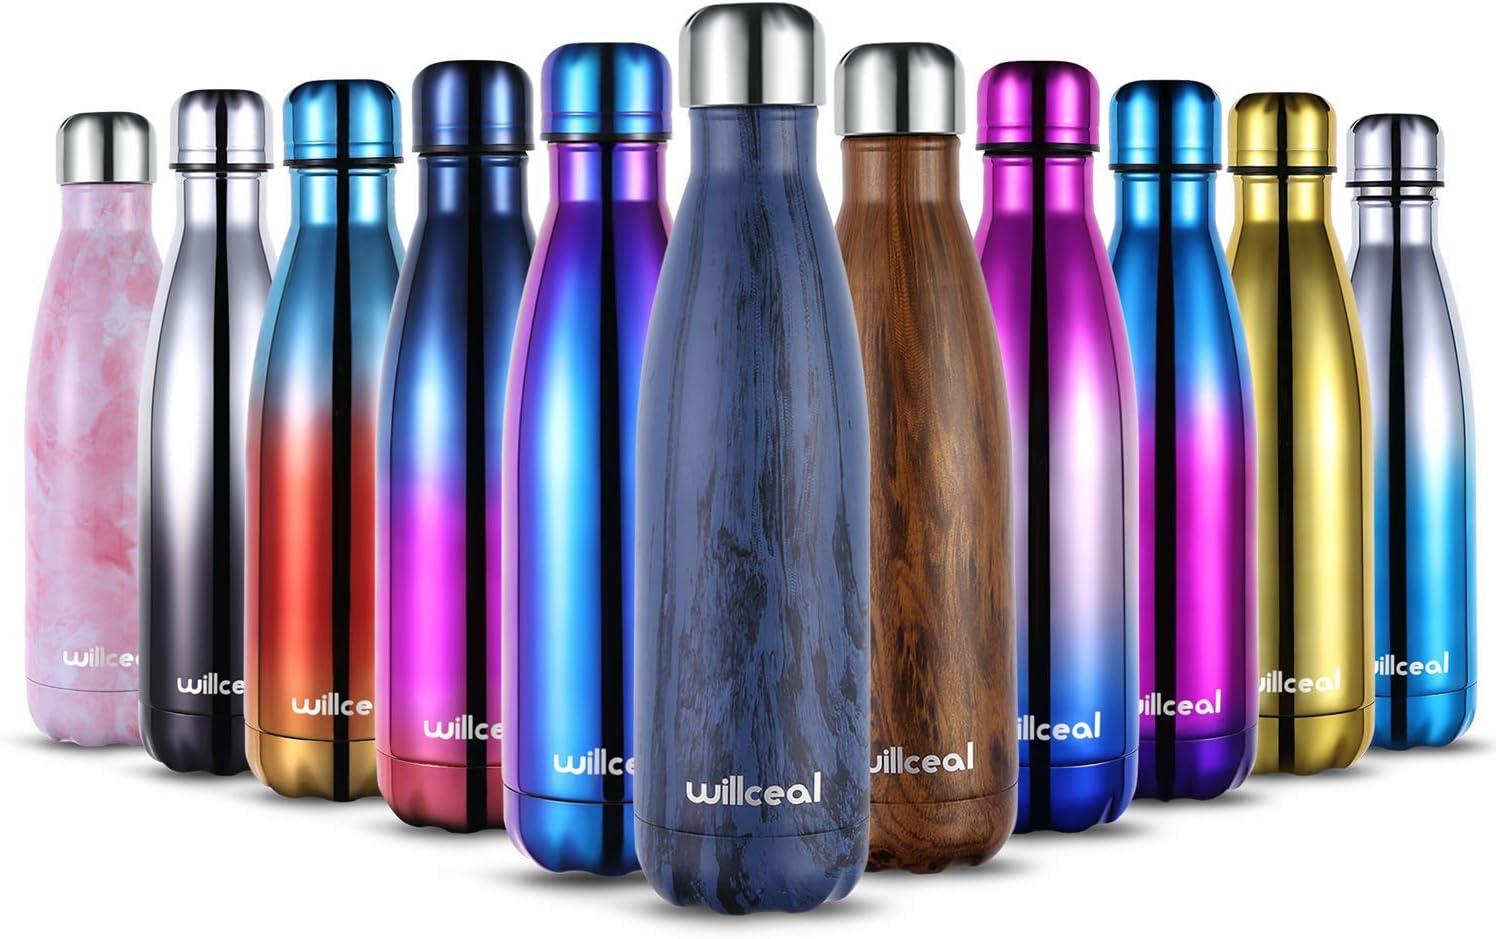 Willceal - Botella de agua de doble pared de acero inoxidable con aislamiento al vacío, 500 ml, a prueba de fugas, para mantener el frío y bebidas calientes, para deportes al aire libre, camping, etc.